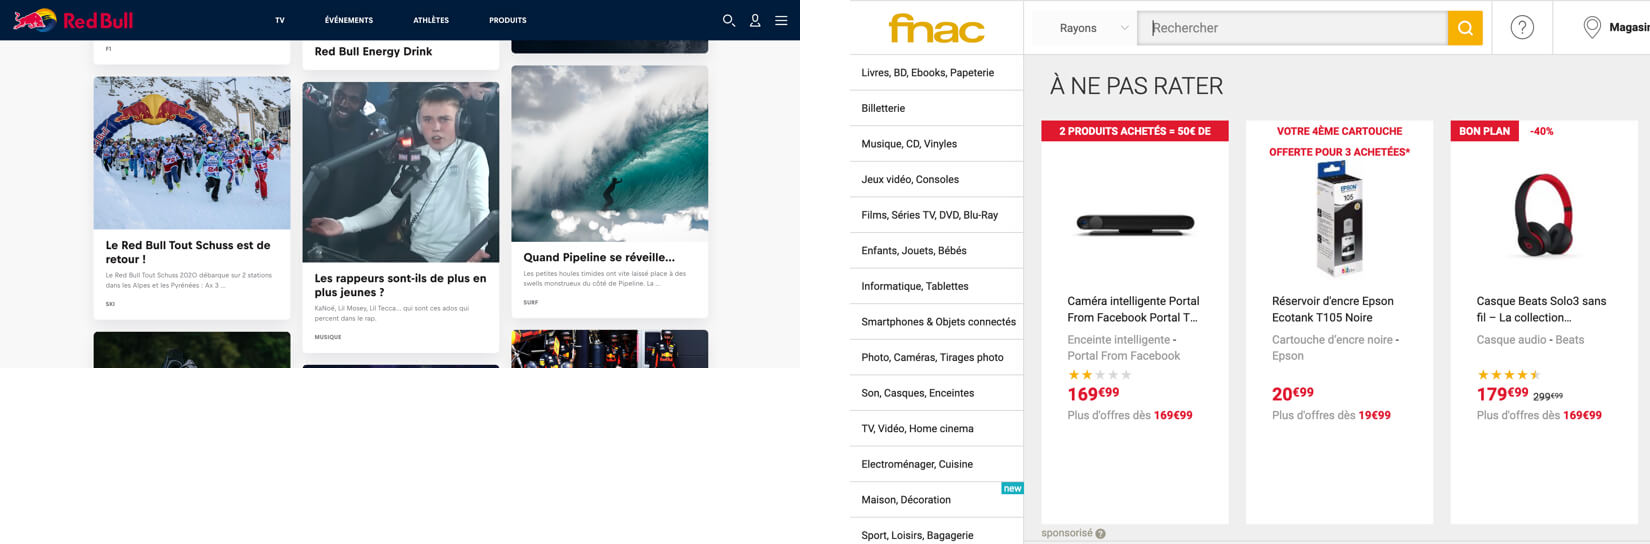 Exemple de la Fnac et RedBull pour la lisibilité d'un site web